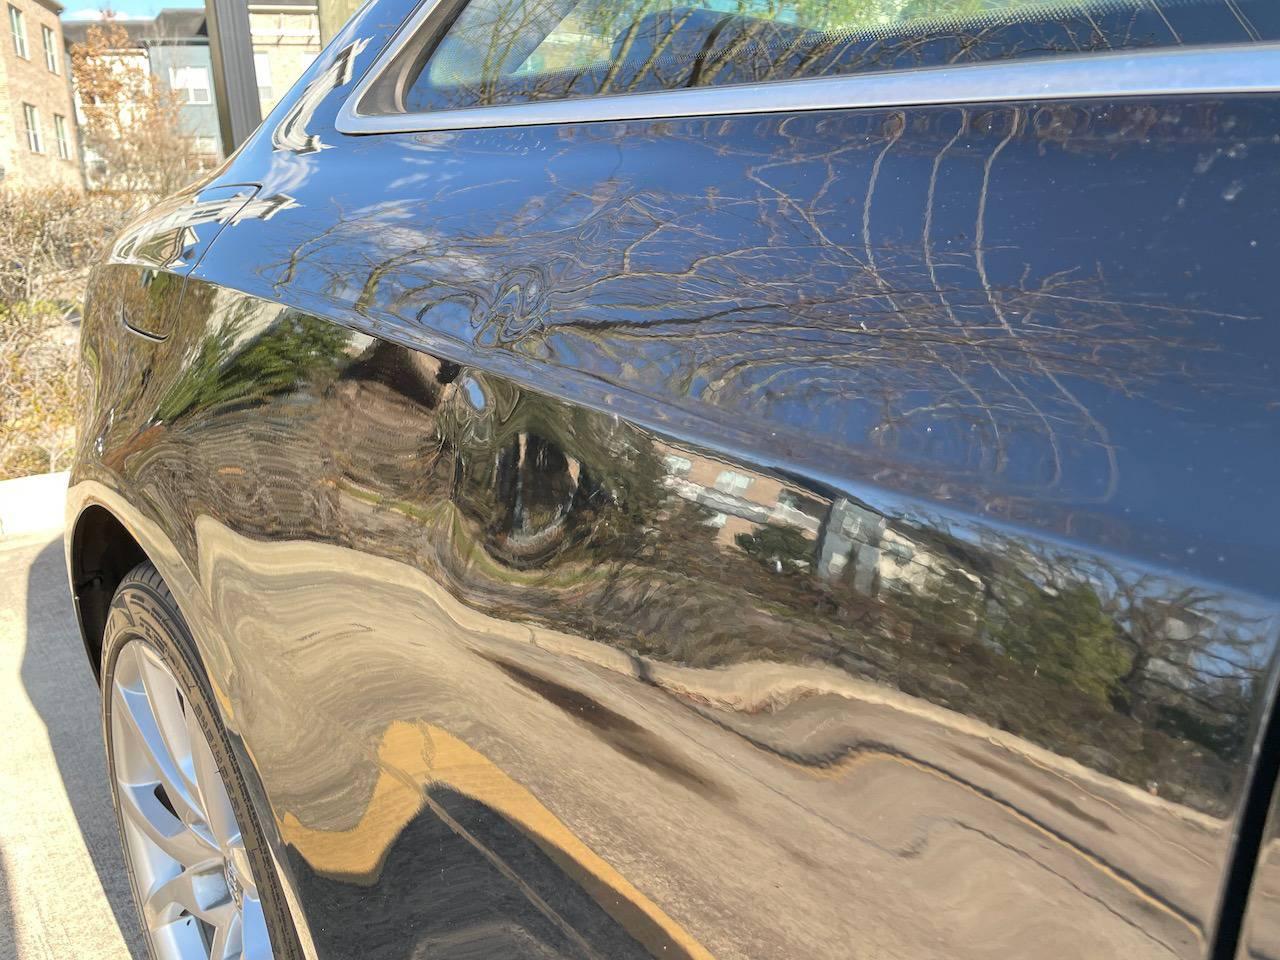 2012 Audi A4 side